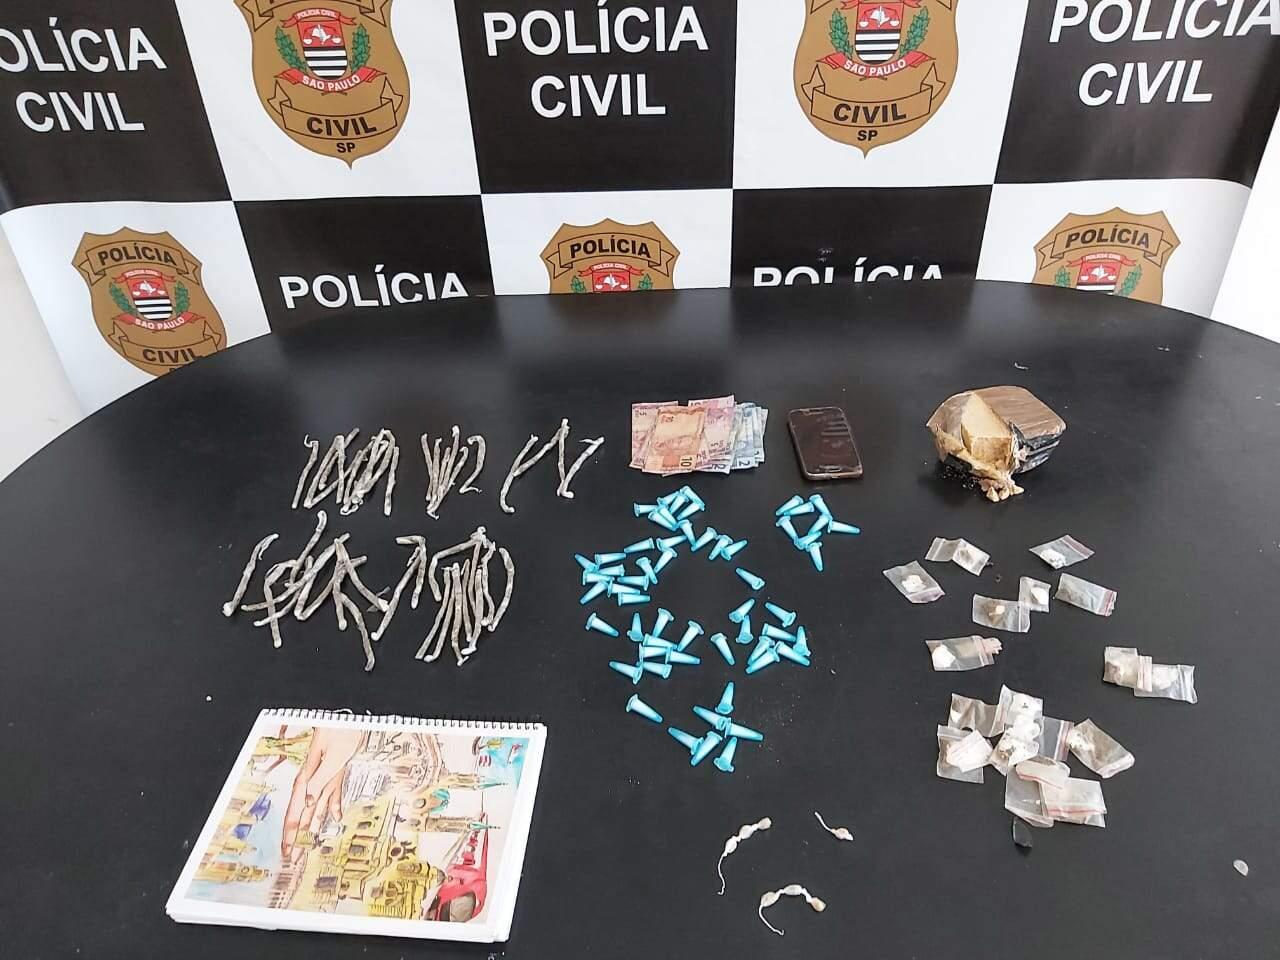 Além de porções de maconha, pinos de cocaína e pedras de crack, foi apreendido dinheiro e anotações